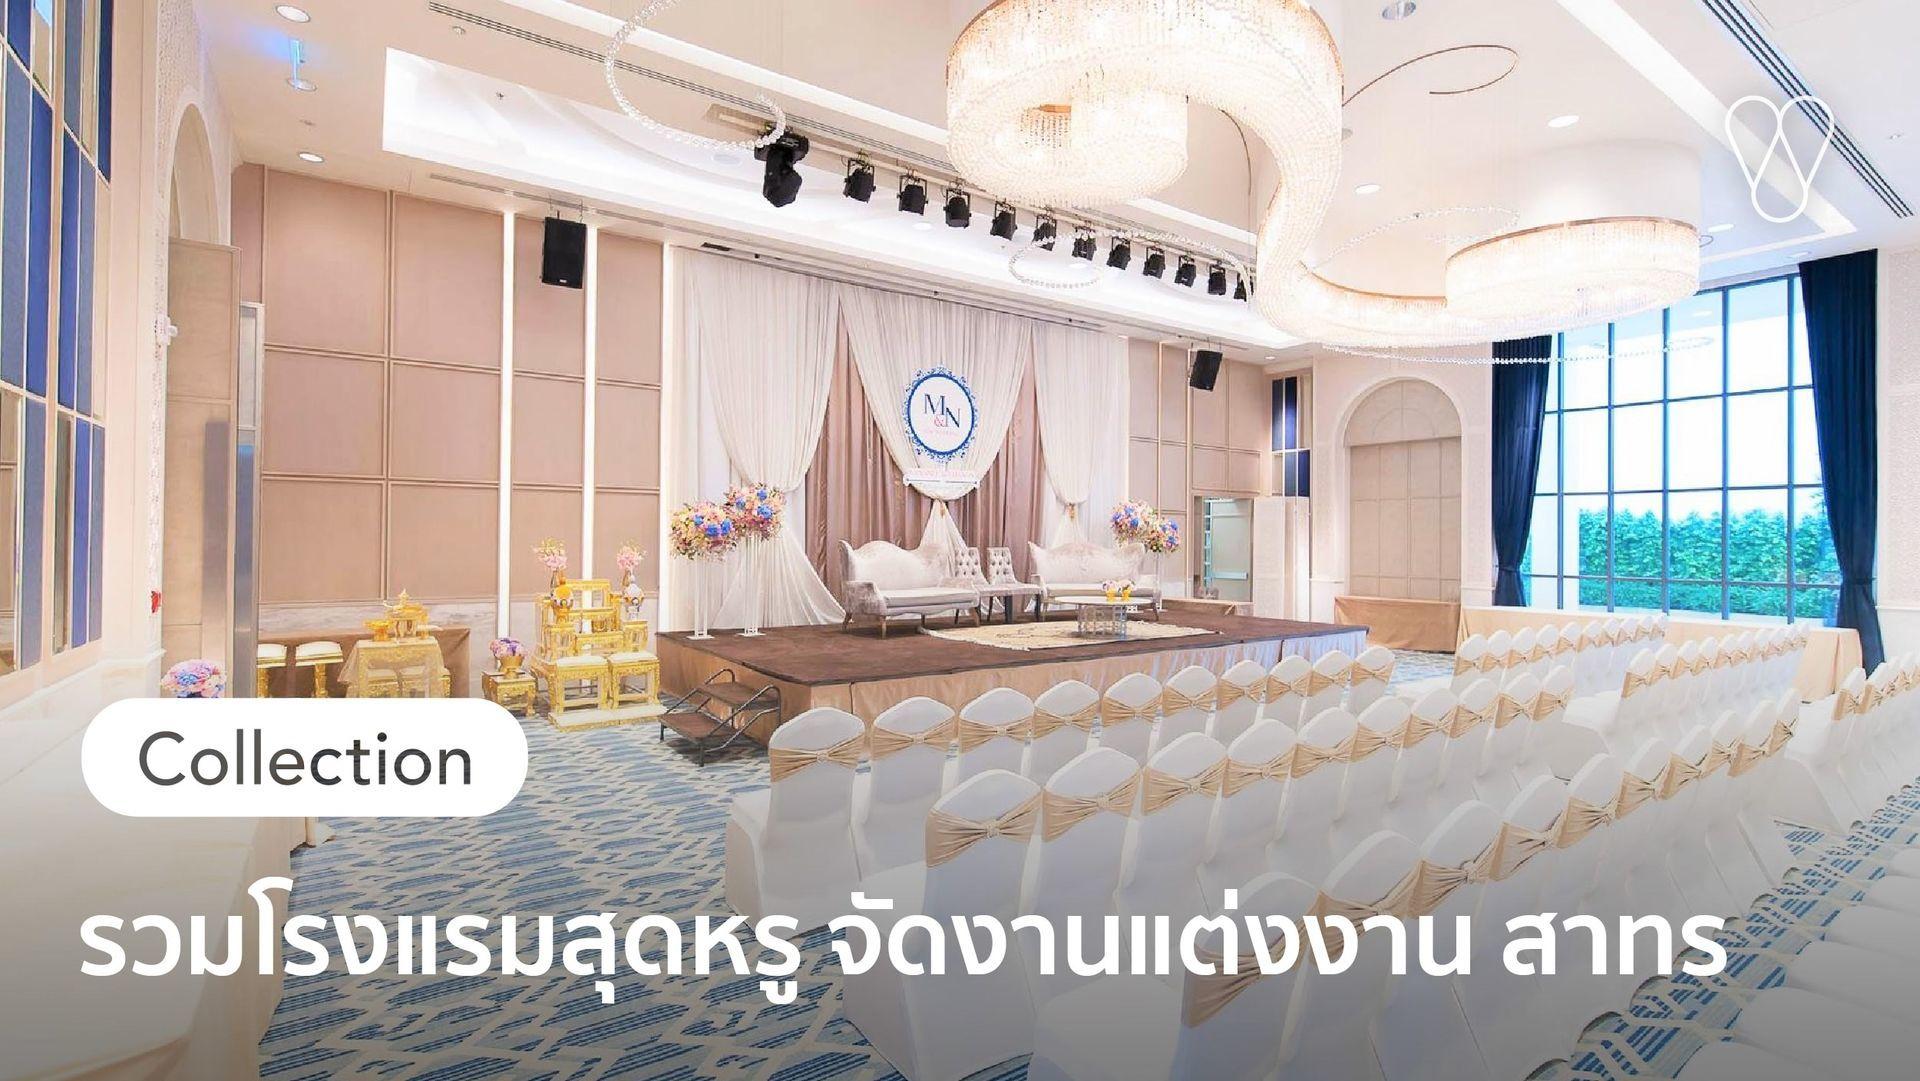 รวมโรงแรมสุดหรูสำหรับจัดงานแต่งงานย่านสาทร